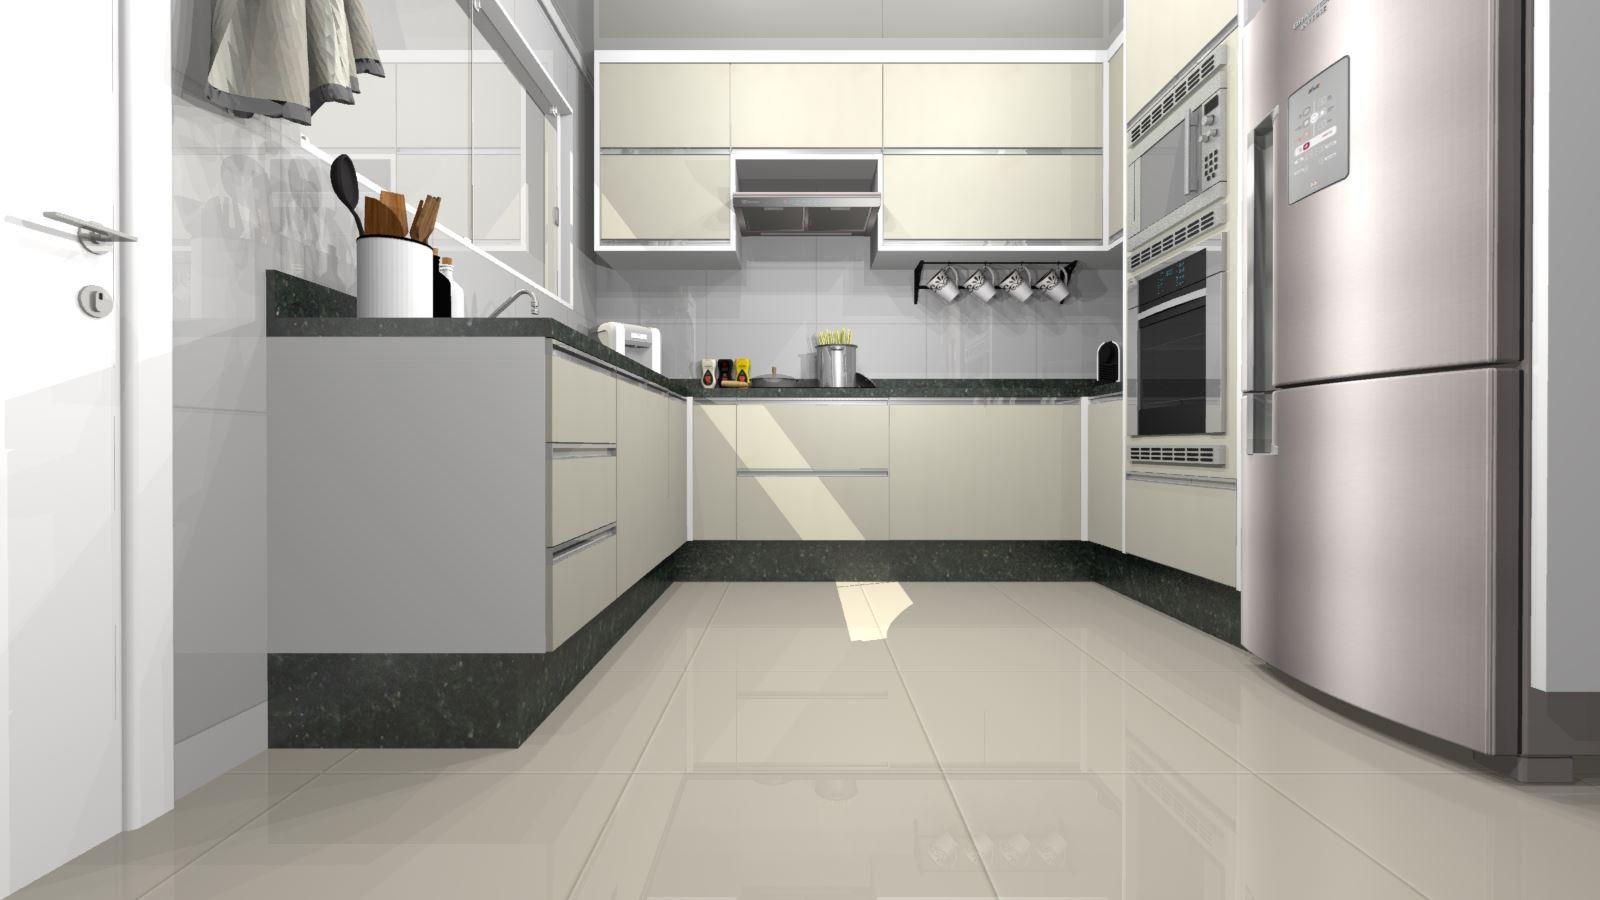 Cozinha Planejada em U - Visão Frontal